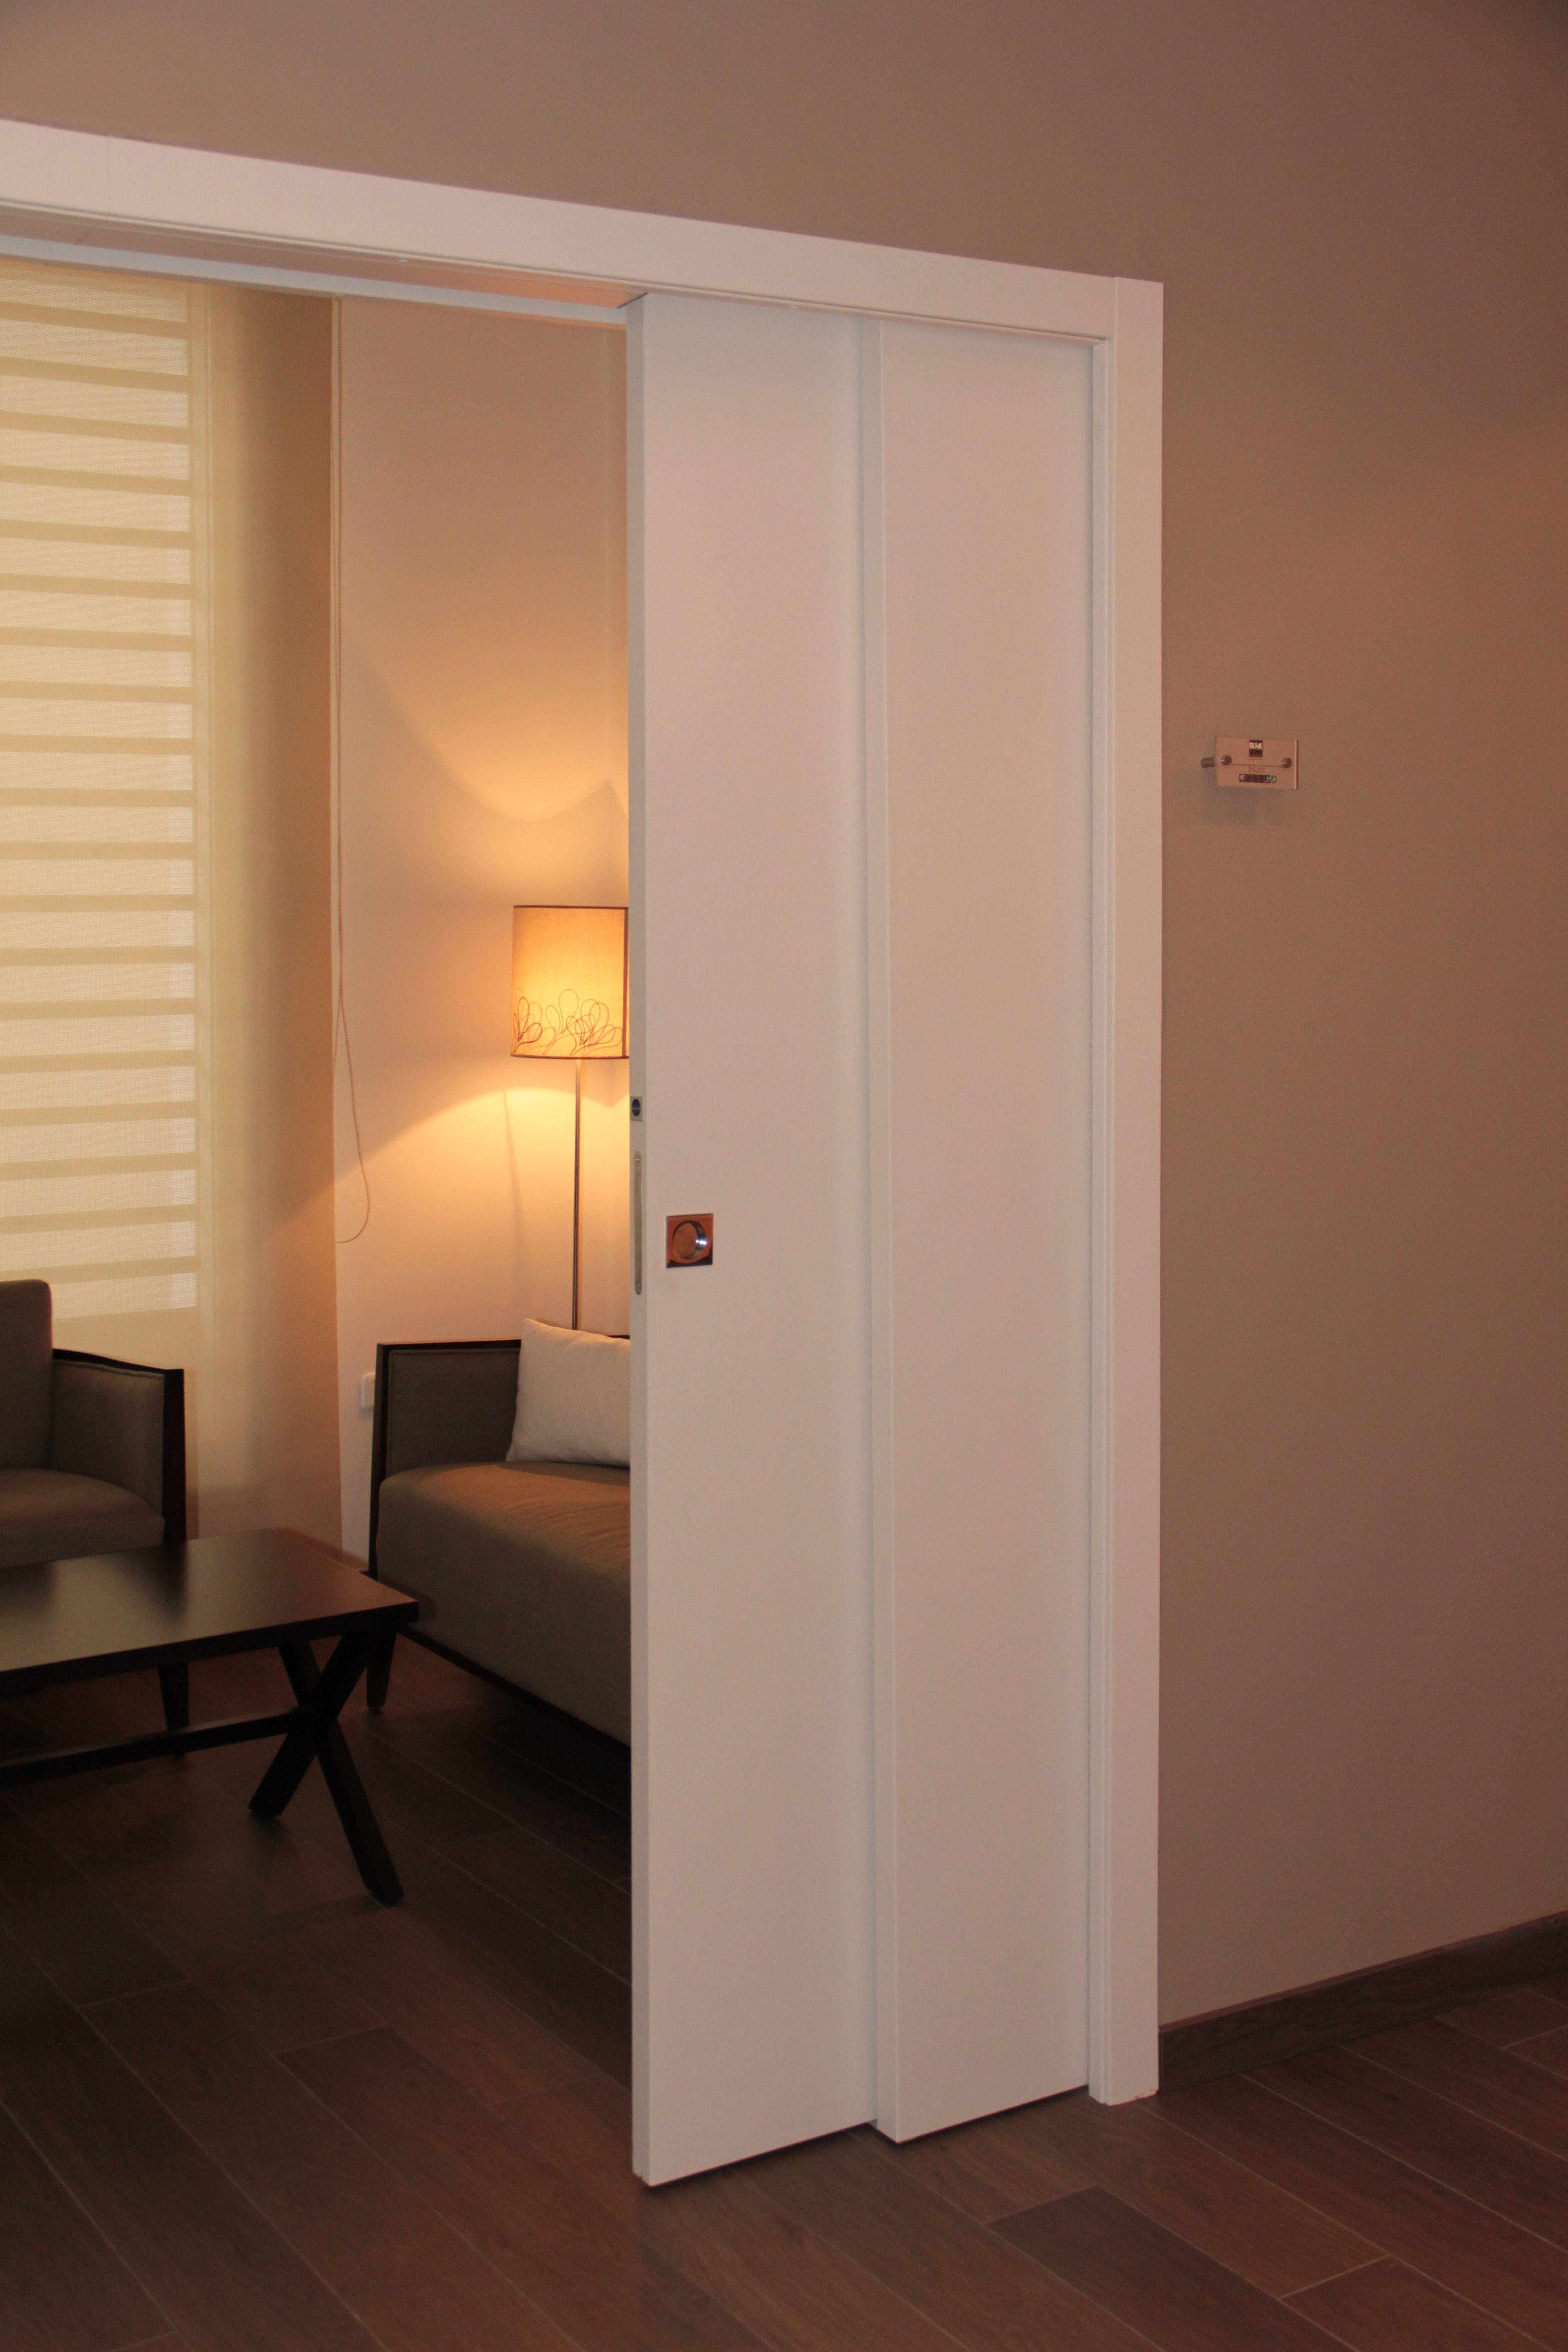 Ouverture maximale, encombrement minimal avec les portes ...